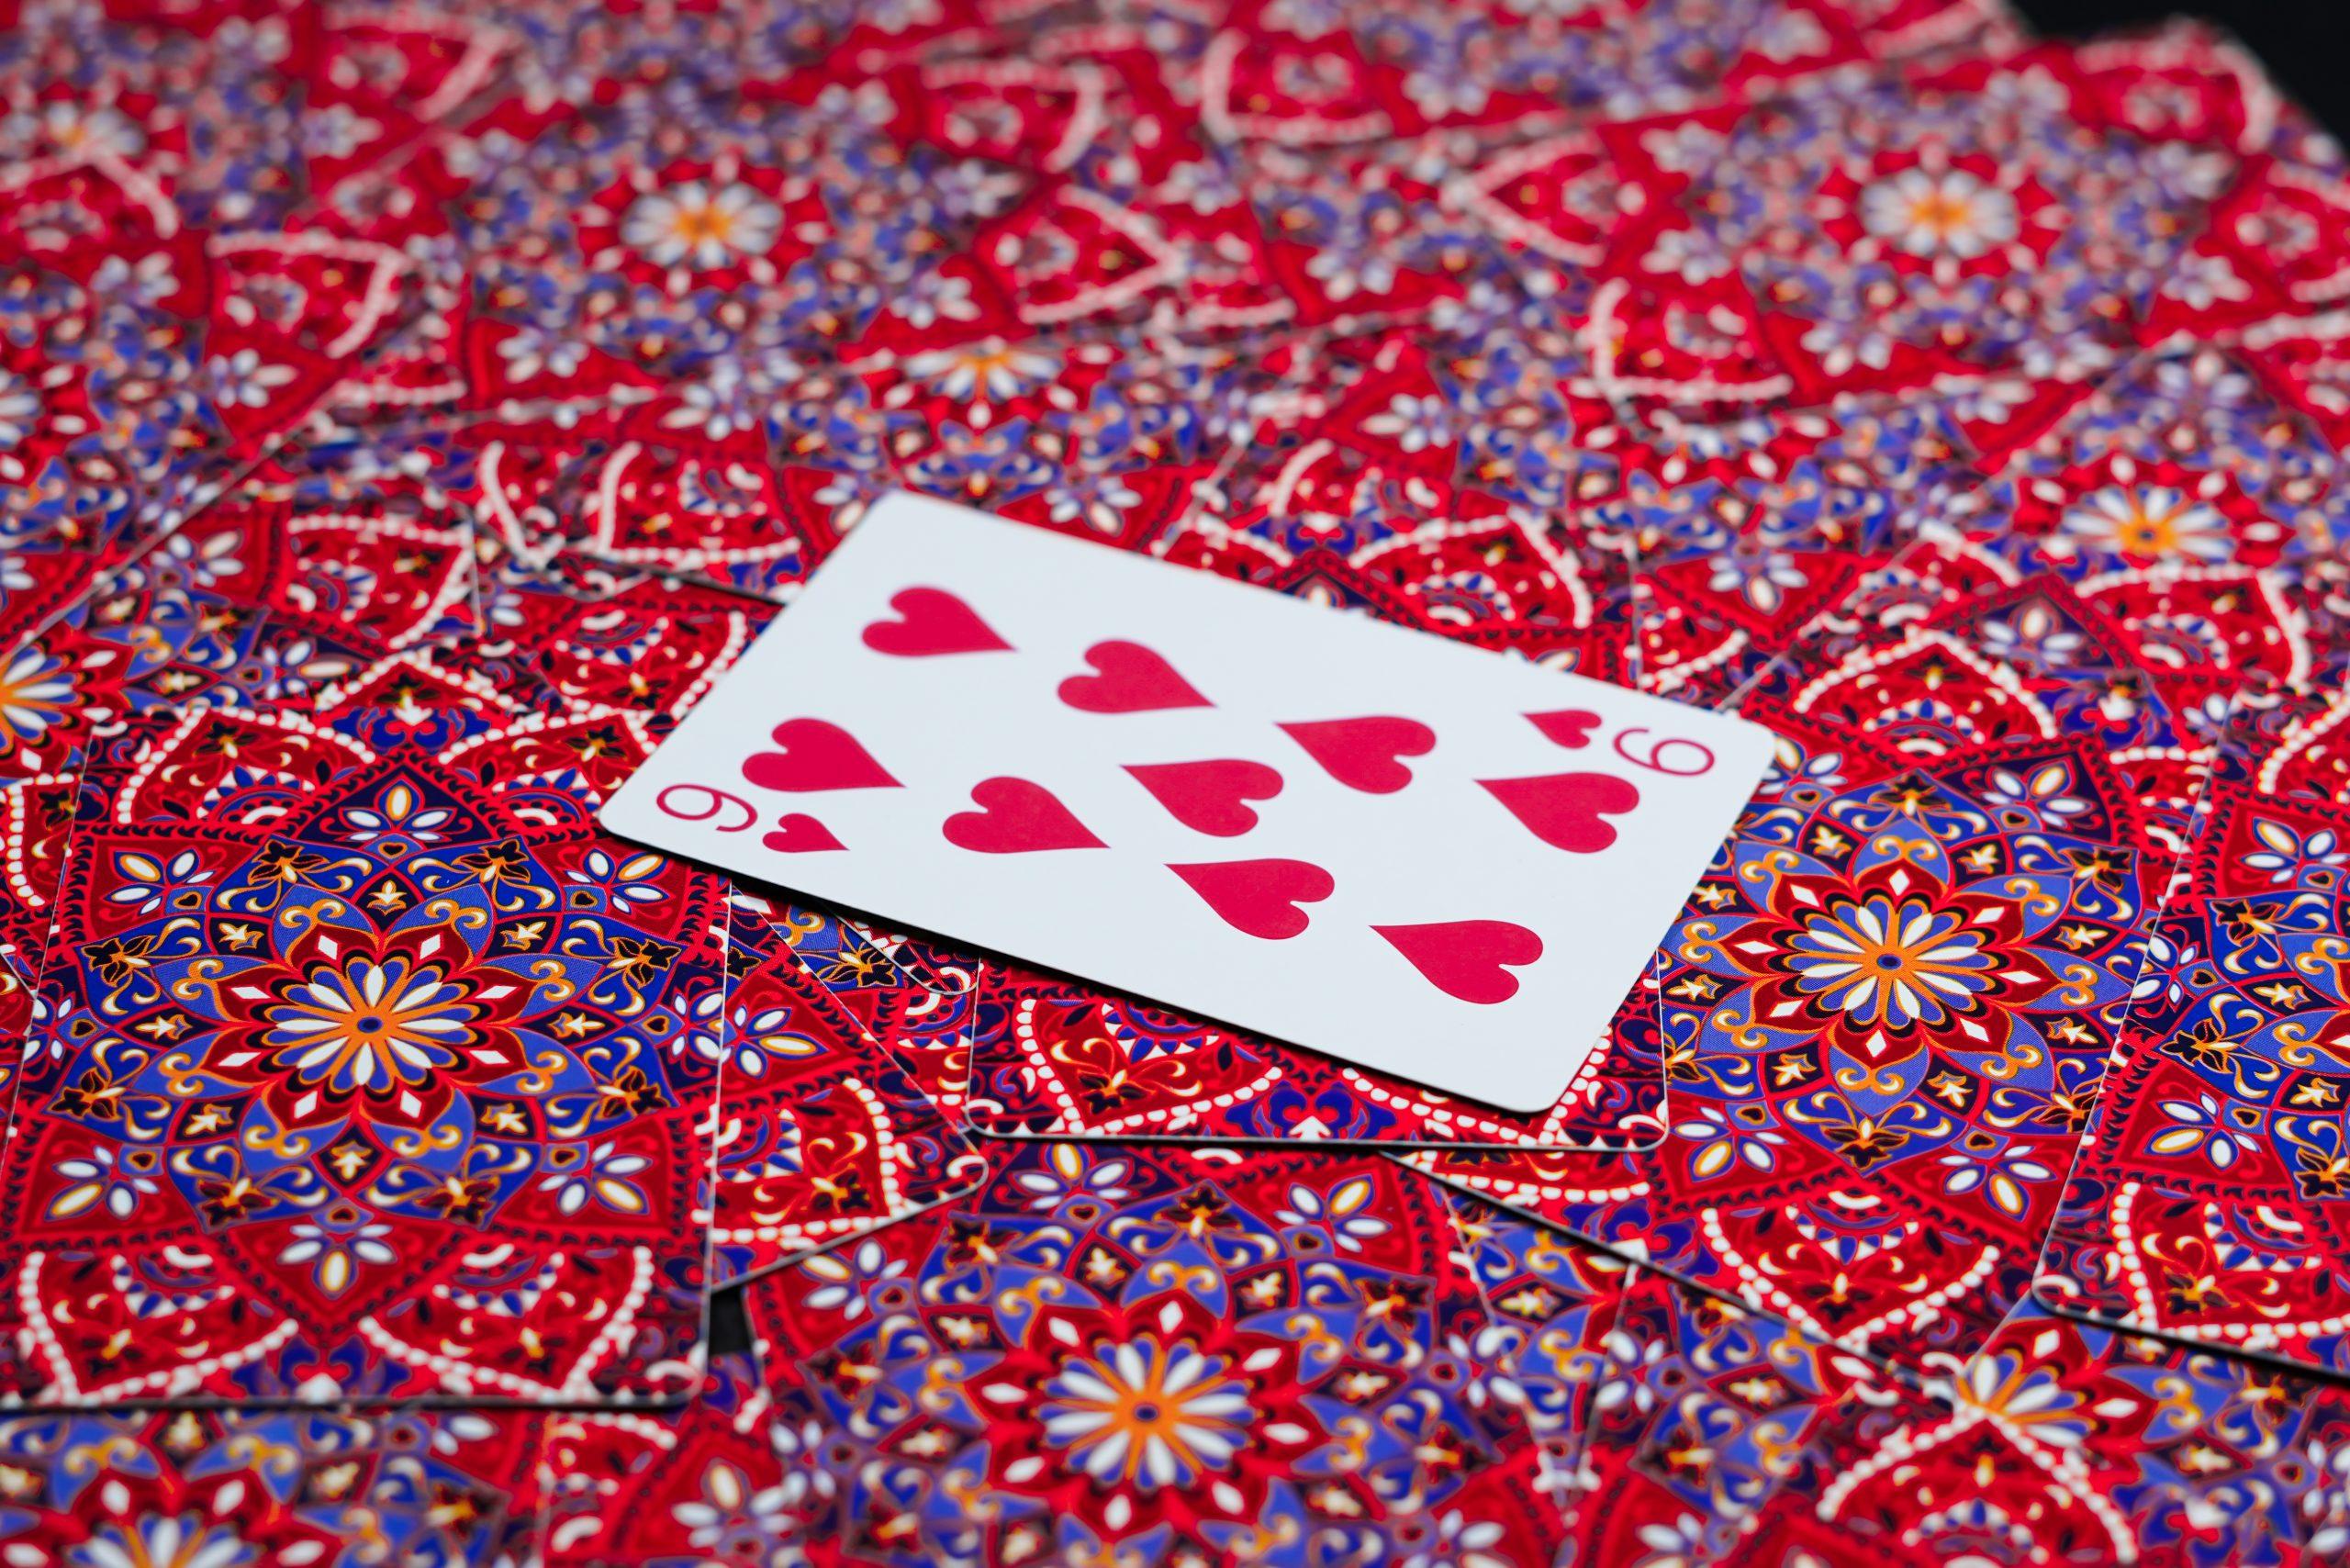 Nine of Heart Card on Focus